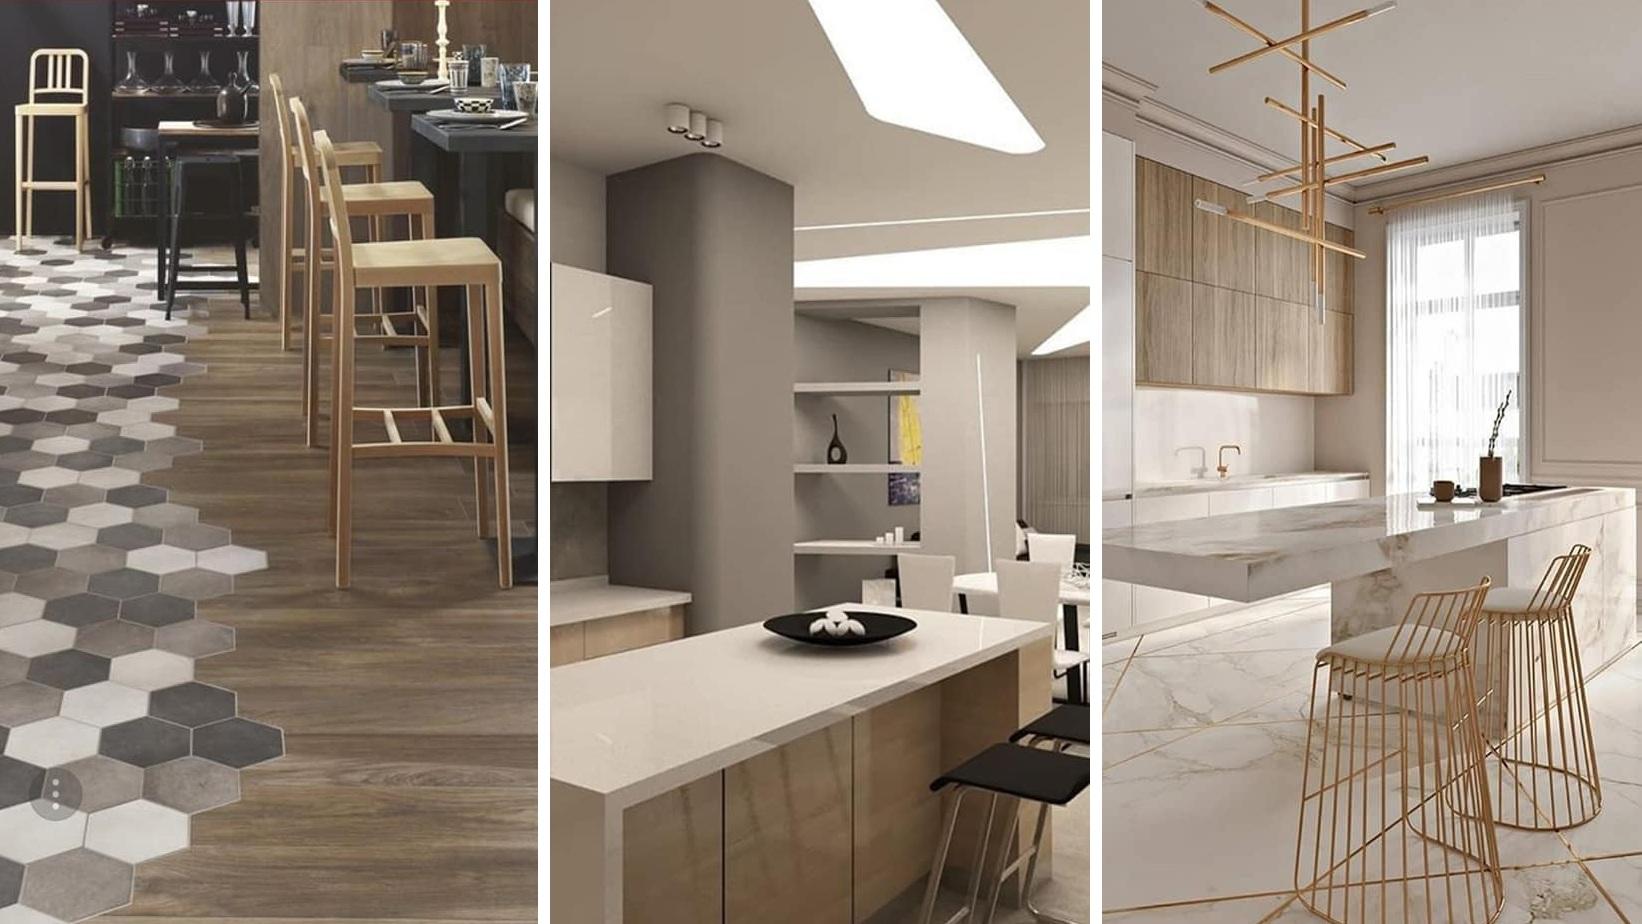 Stil-casa-belsito-arredo-cucine-scale-cosenza-bbls-group-arredamento-2